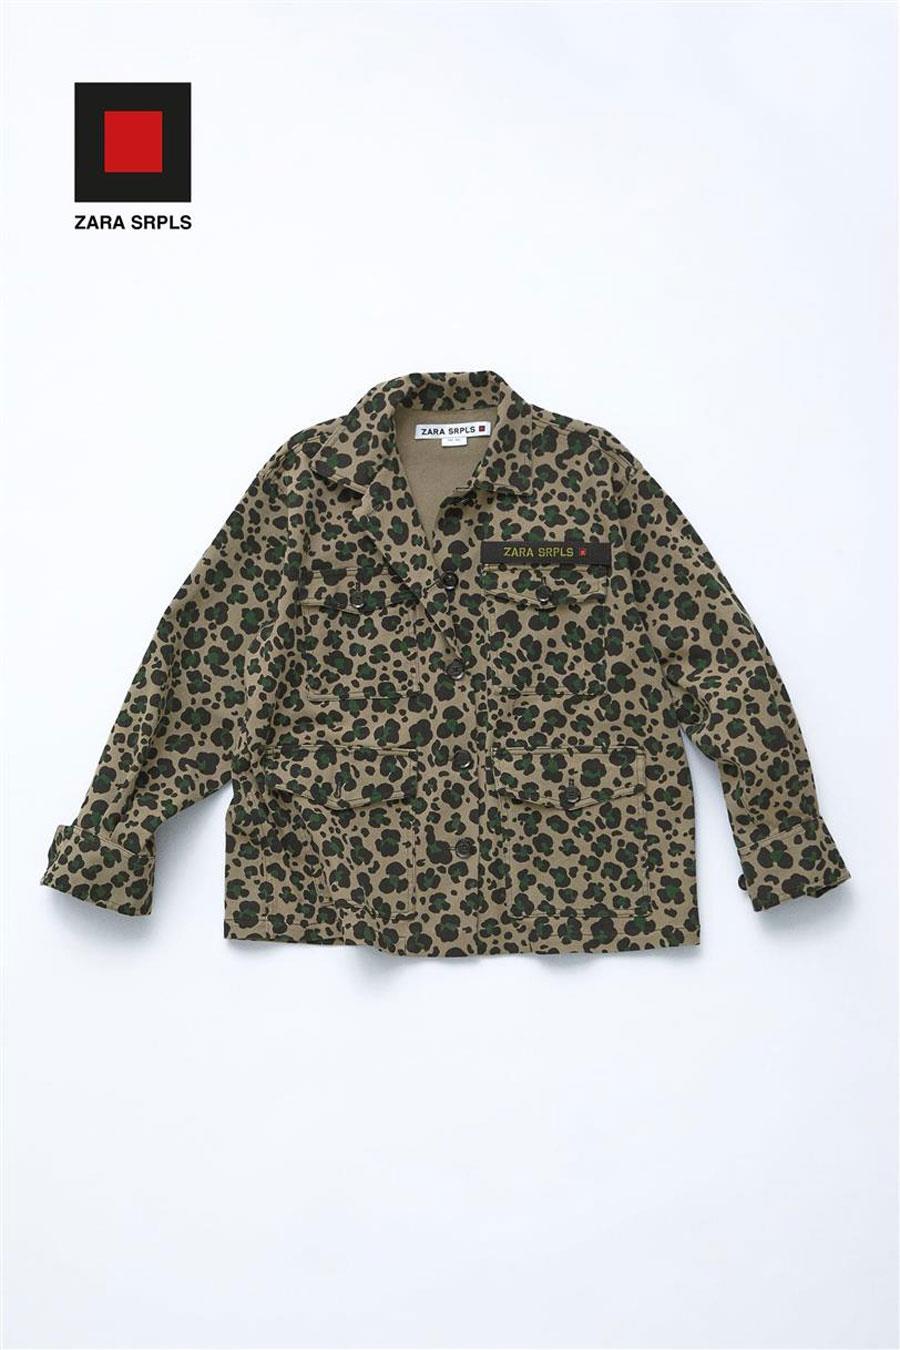 d60c2f69adfba chaqueta-militar-con-estampado-animal-de-zara. Las prendas